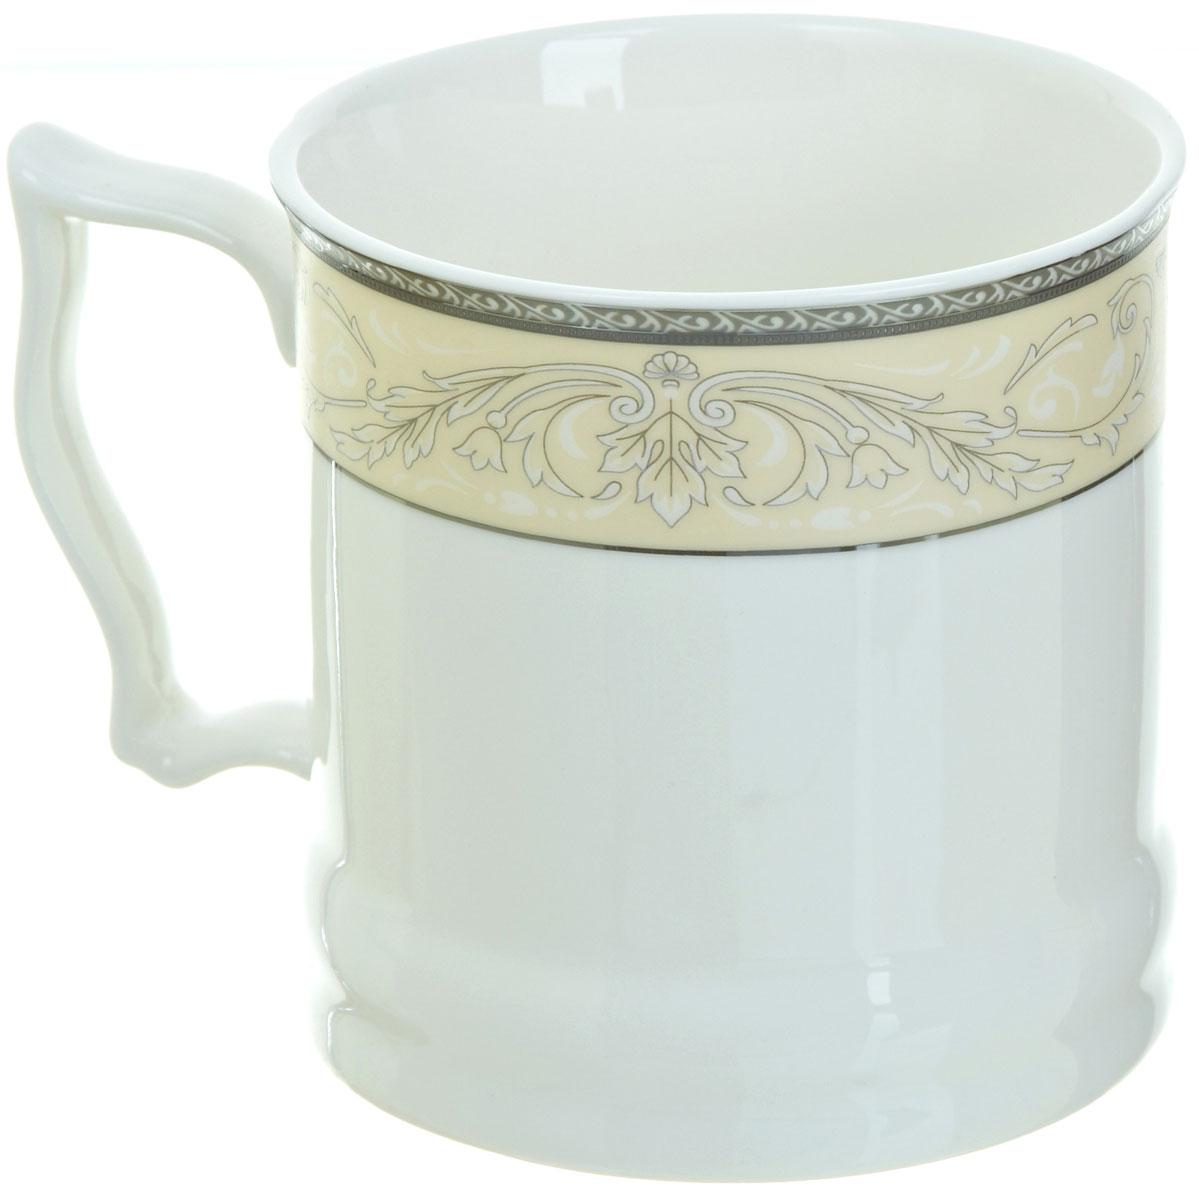 Кружка BHP Королевская кружка, 500 мл. M1870001M1870001Оригинальная кружка Best Home Porcelain, выполненная из высококачественного фарфора, сочетает в себе простой, утонченный дизайн с максимальной функциональностью. Оригинальность оформления придутся по вкусу тем, кто ценит индивидуальность. В комплект входит кружка. Можно использовать в ПММ.